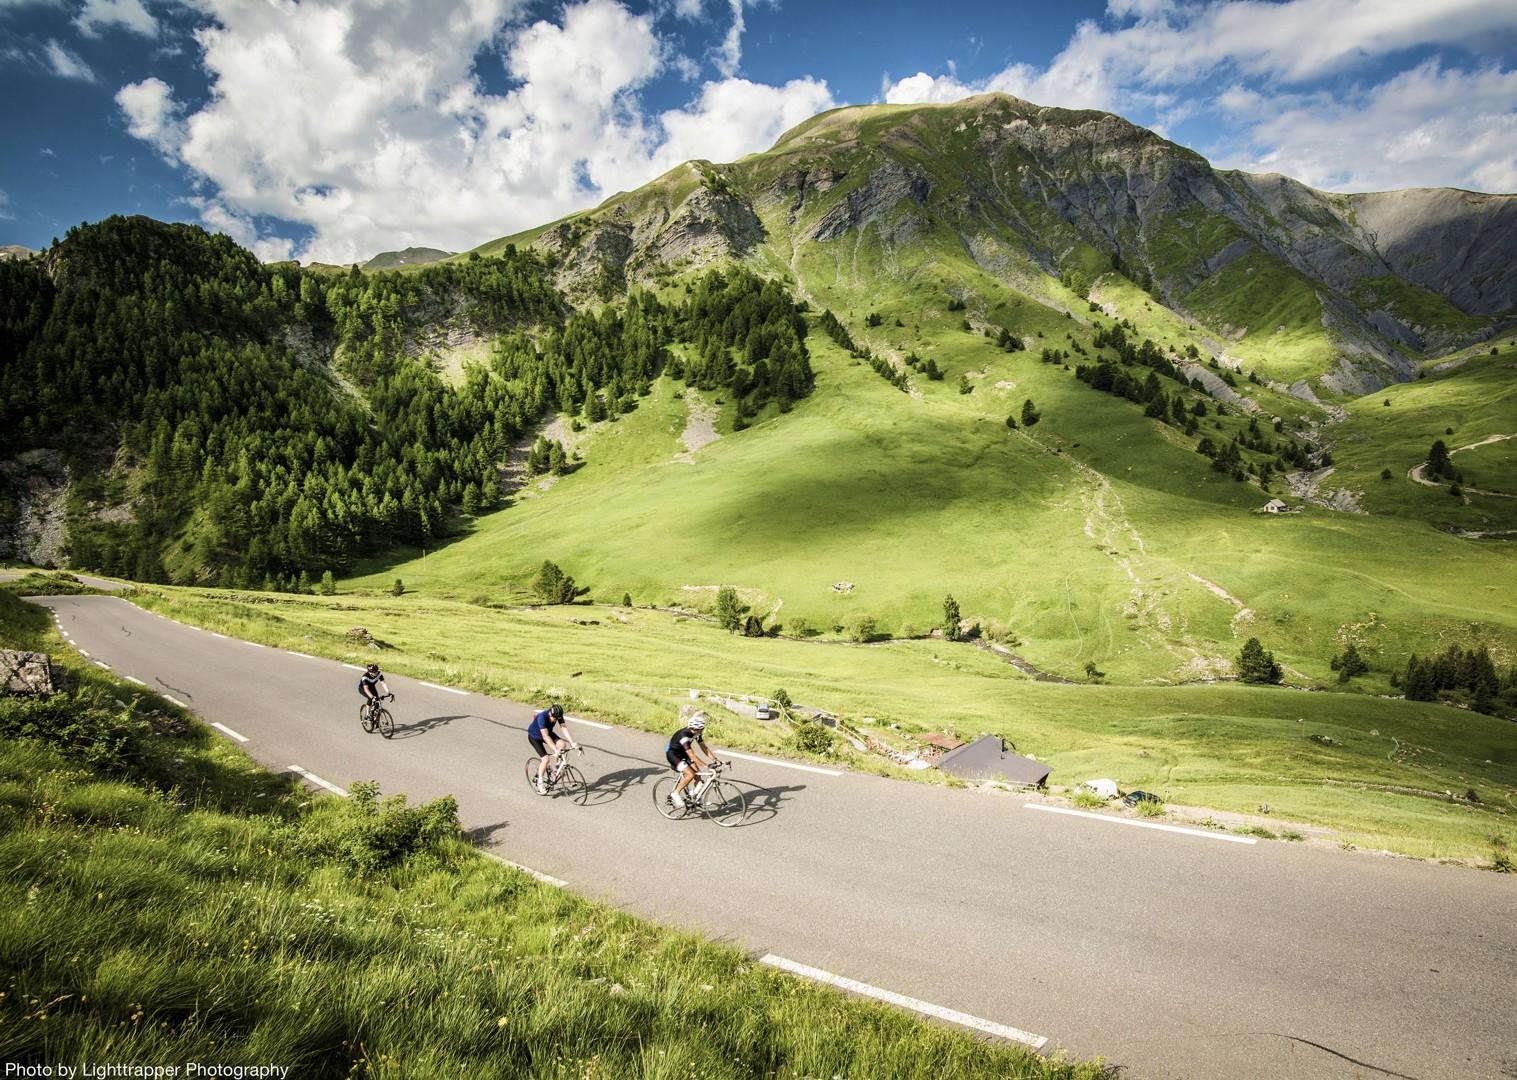 smooth-open-road-hillside-scenery-france-raid-alpine-cycling-holiday.jpg - France - Raid Alpine - Guided Road Cycling Holiday - Road Cycling